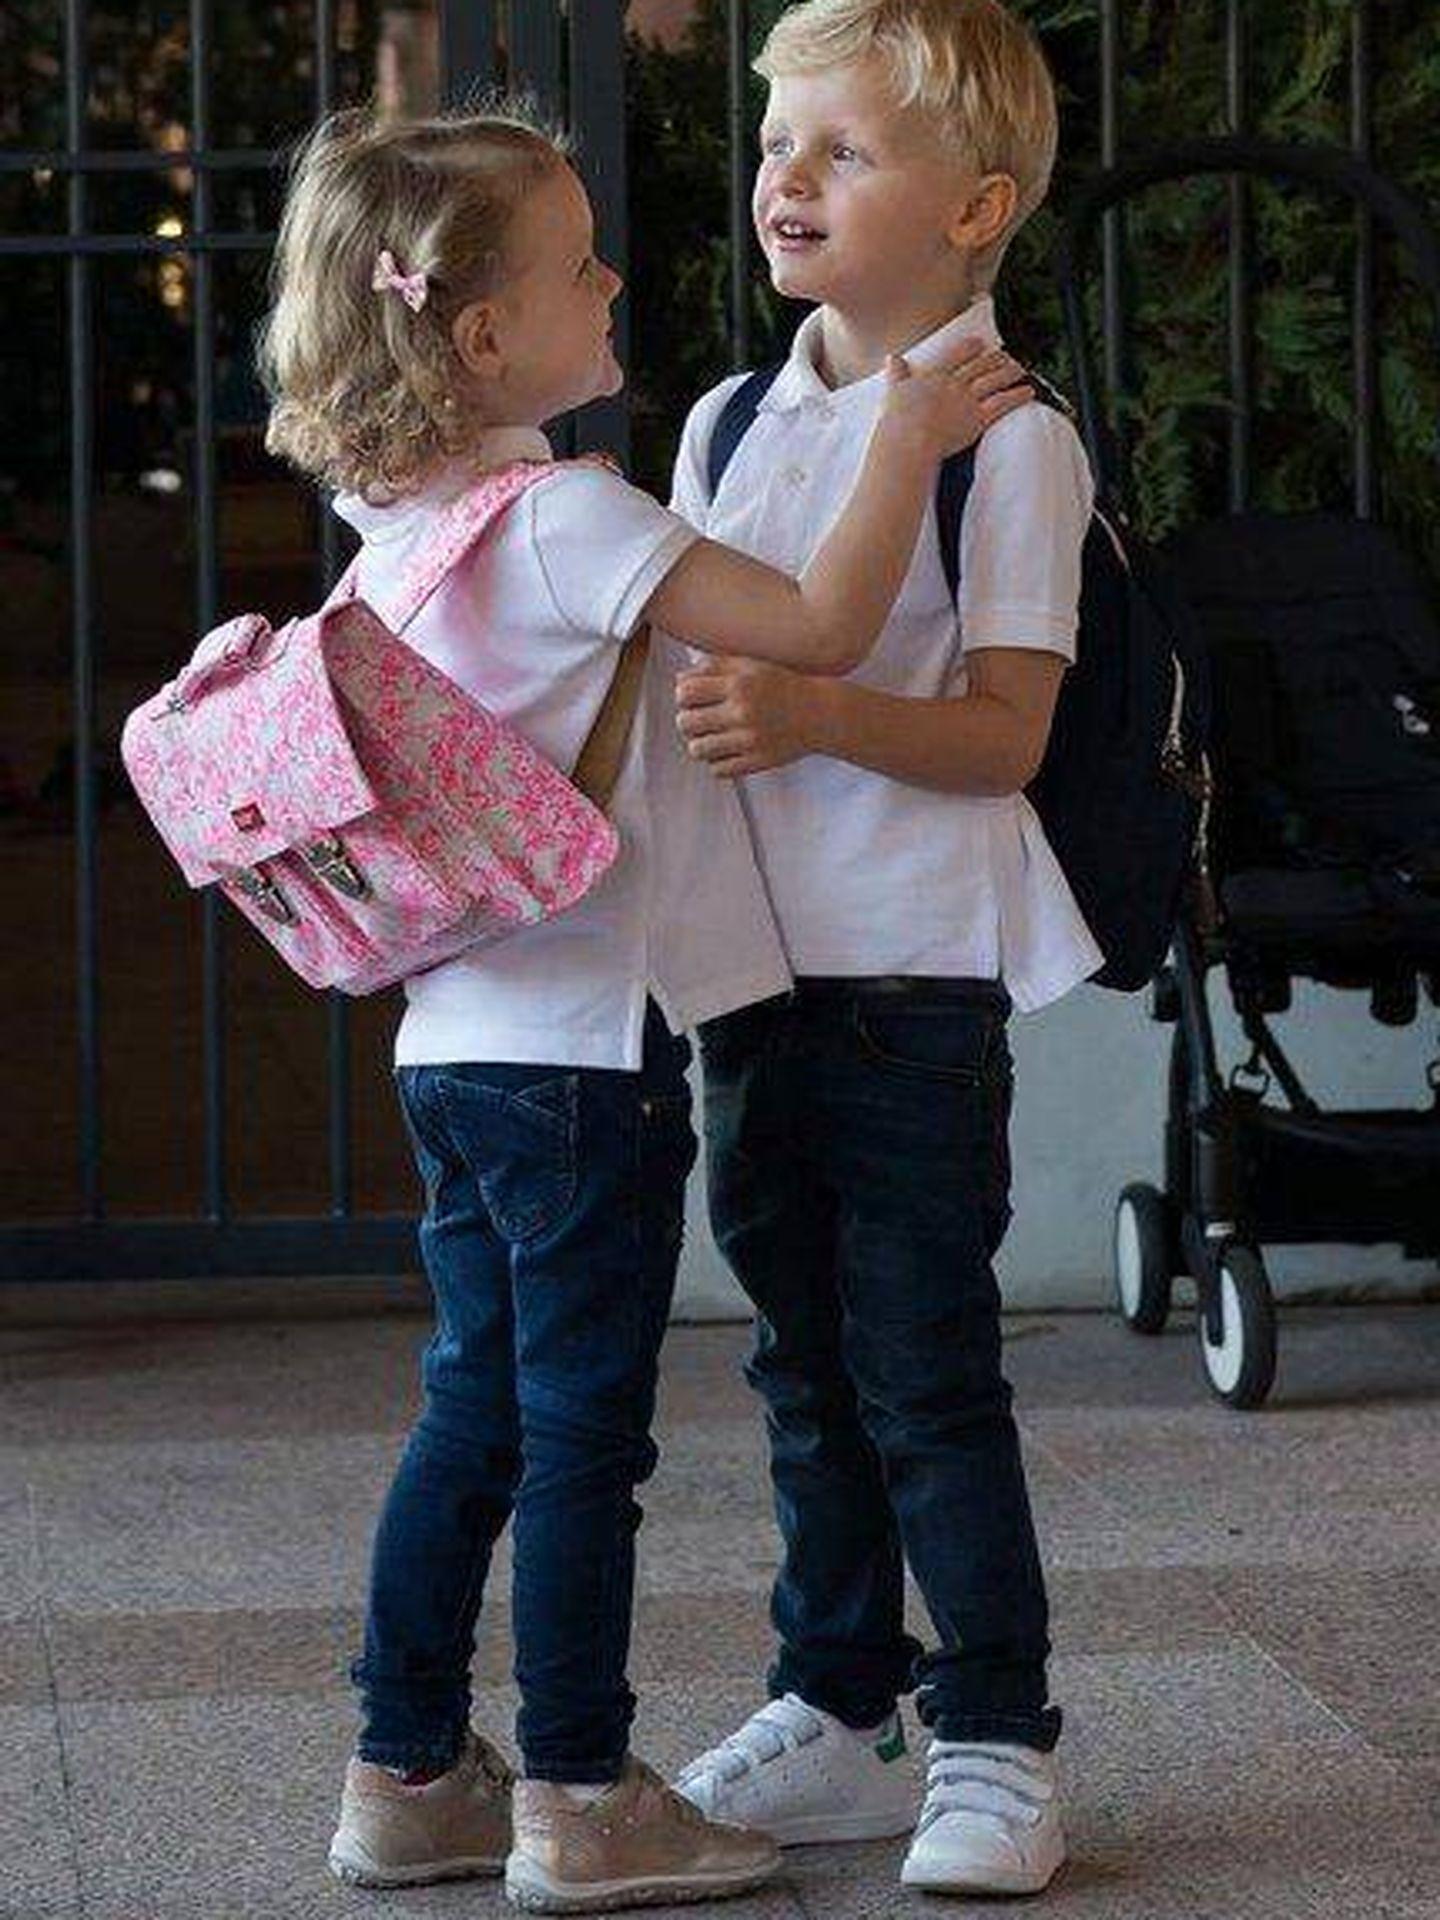 Jacques y Gabriella de Mónaco. (Instagram)